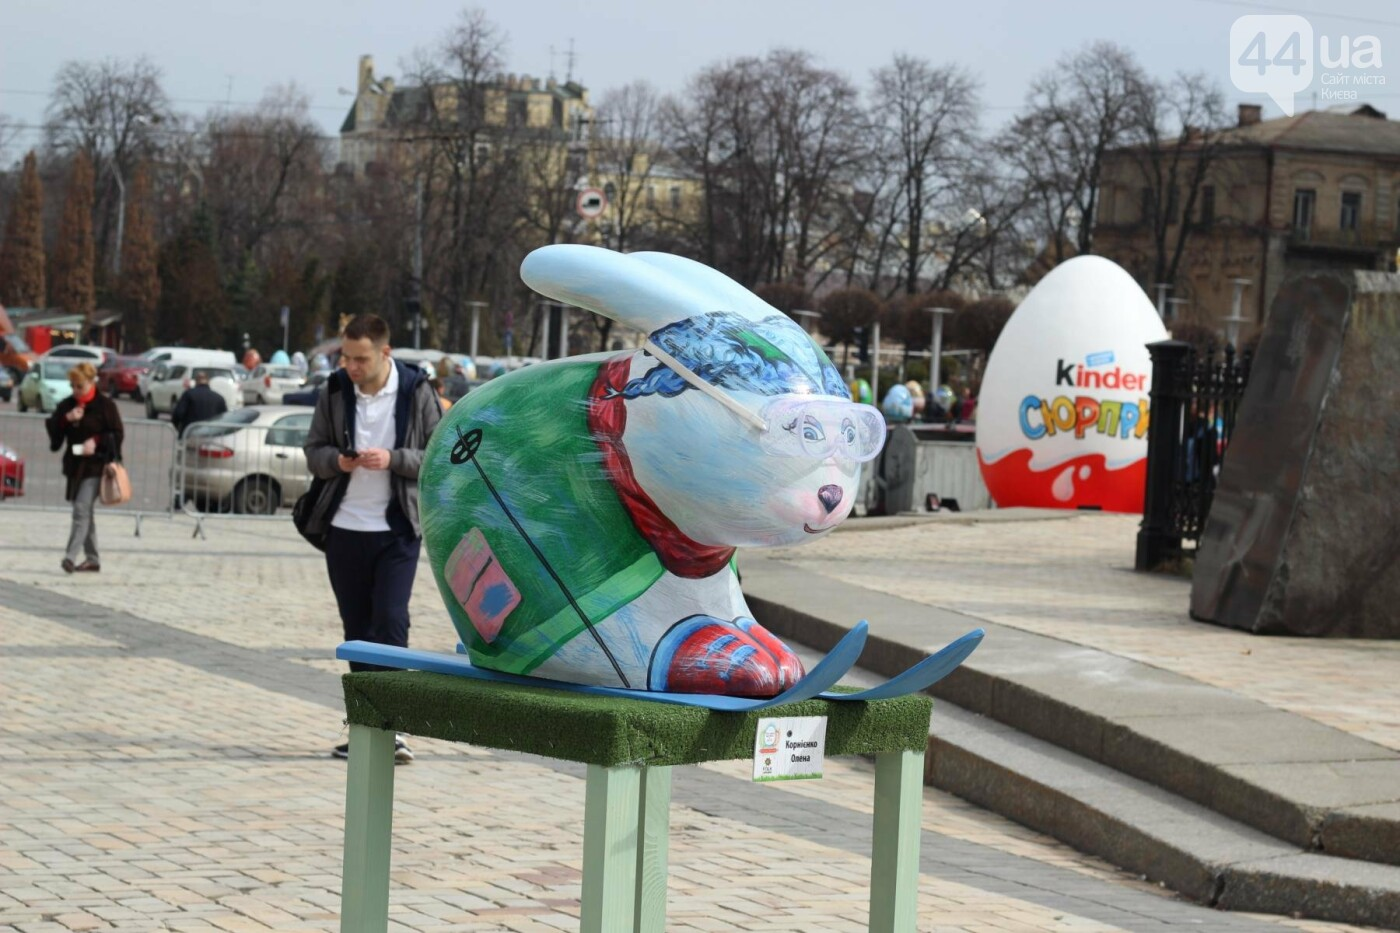 Писанки и кролики: как на Софийской площади проходит Пасхальный фестиваль, фото-35